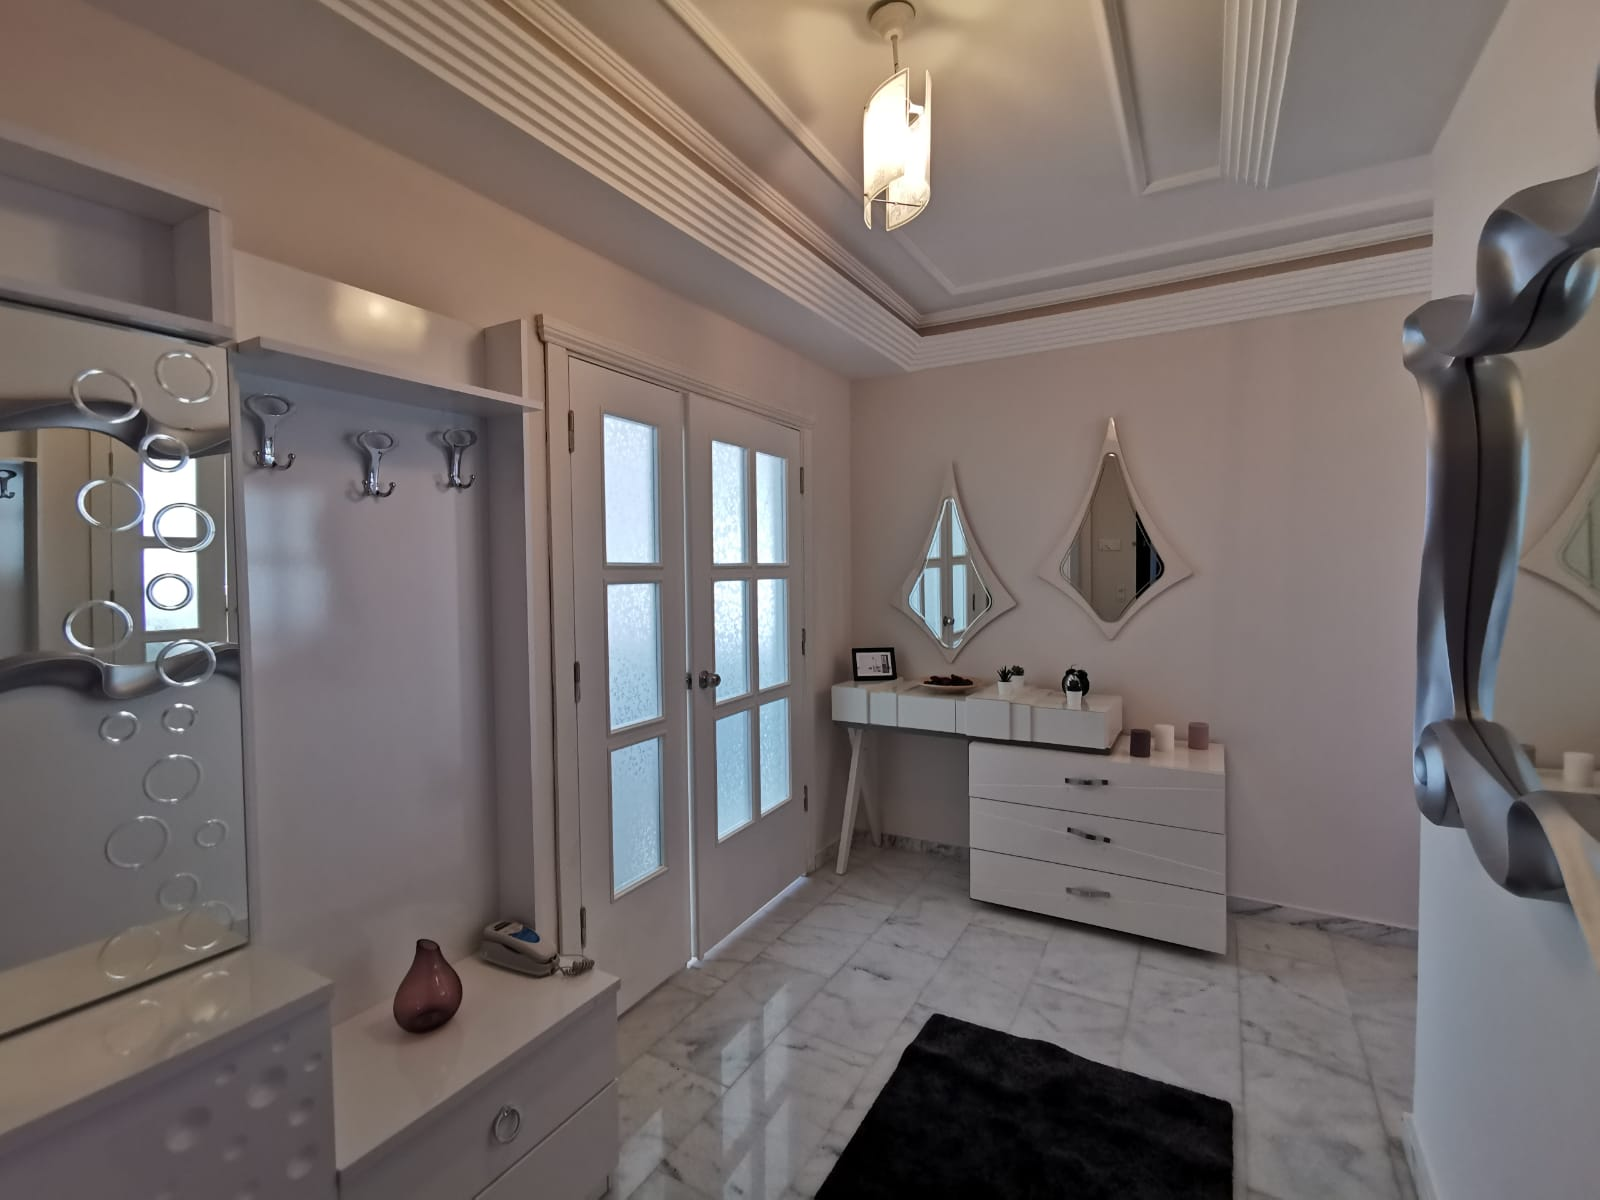 Алания Тосмур Меблированная Квартира с Видом на Море в Резиденции